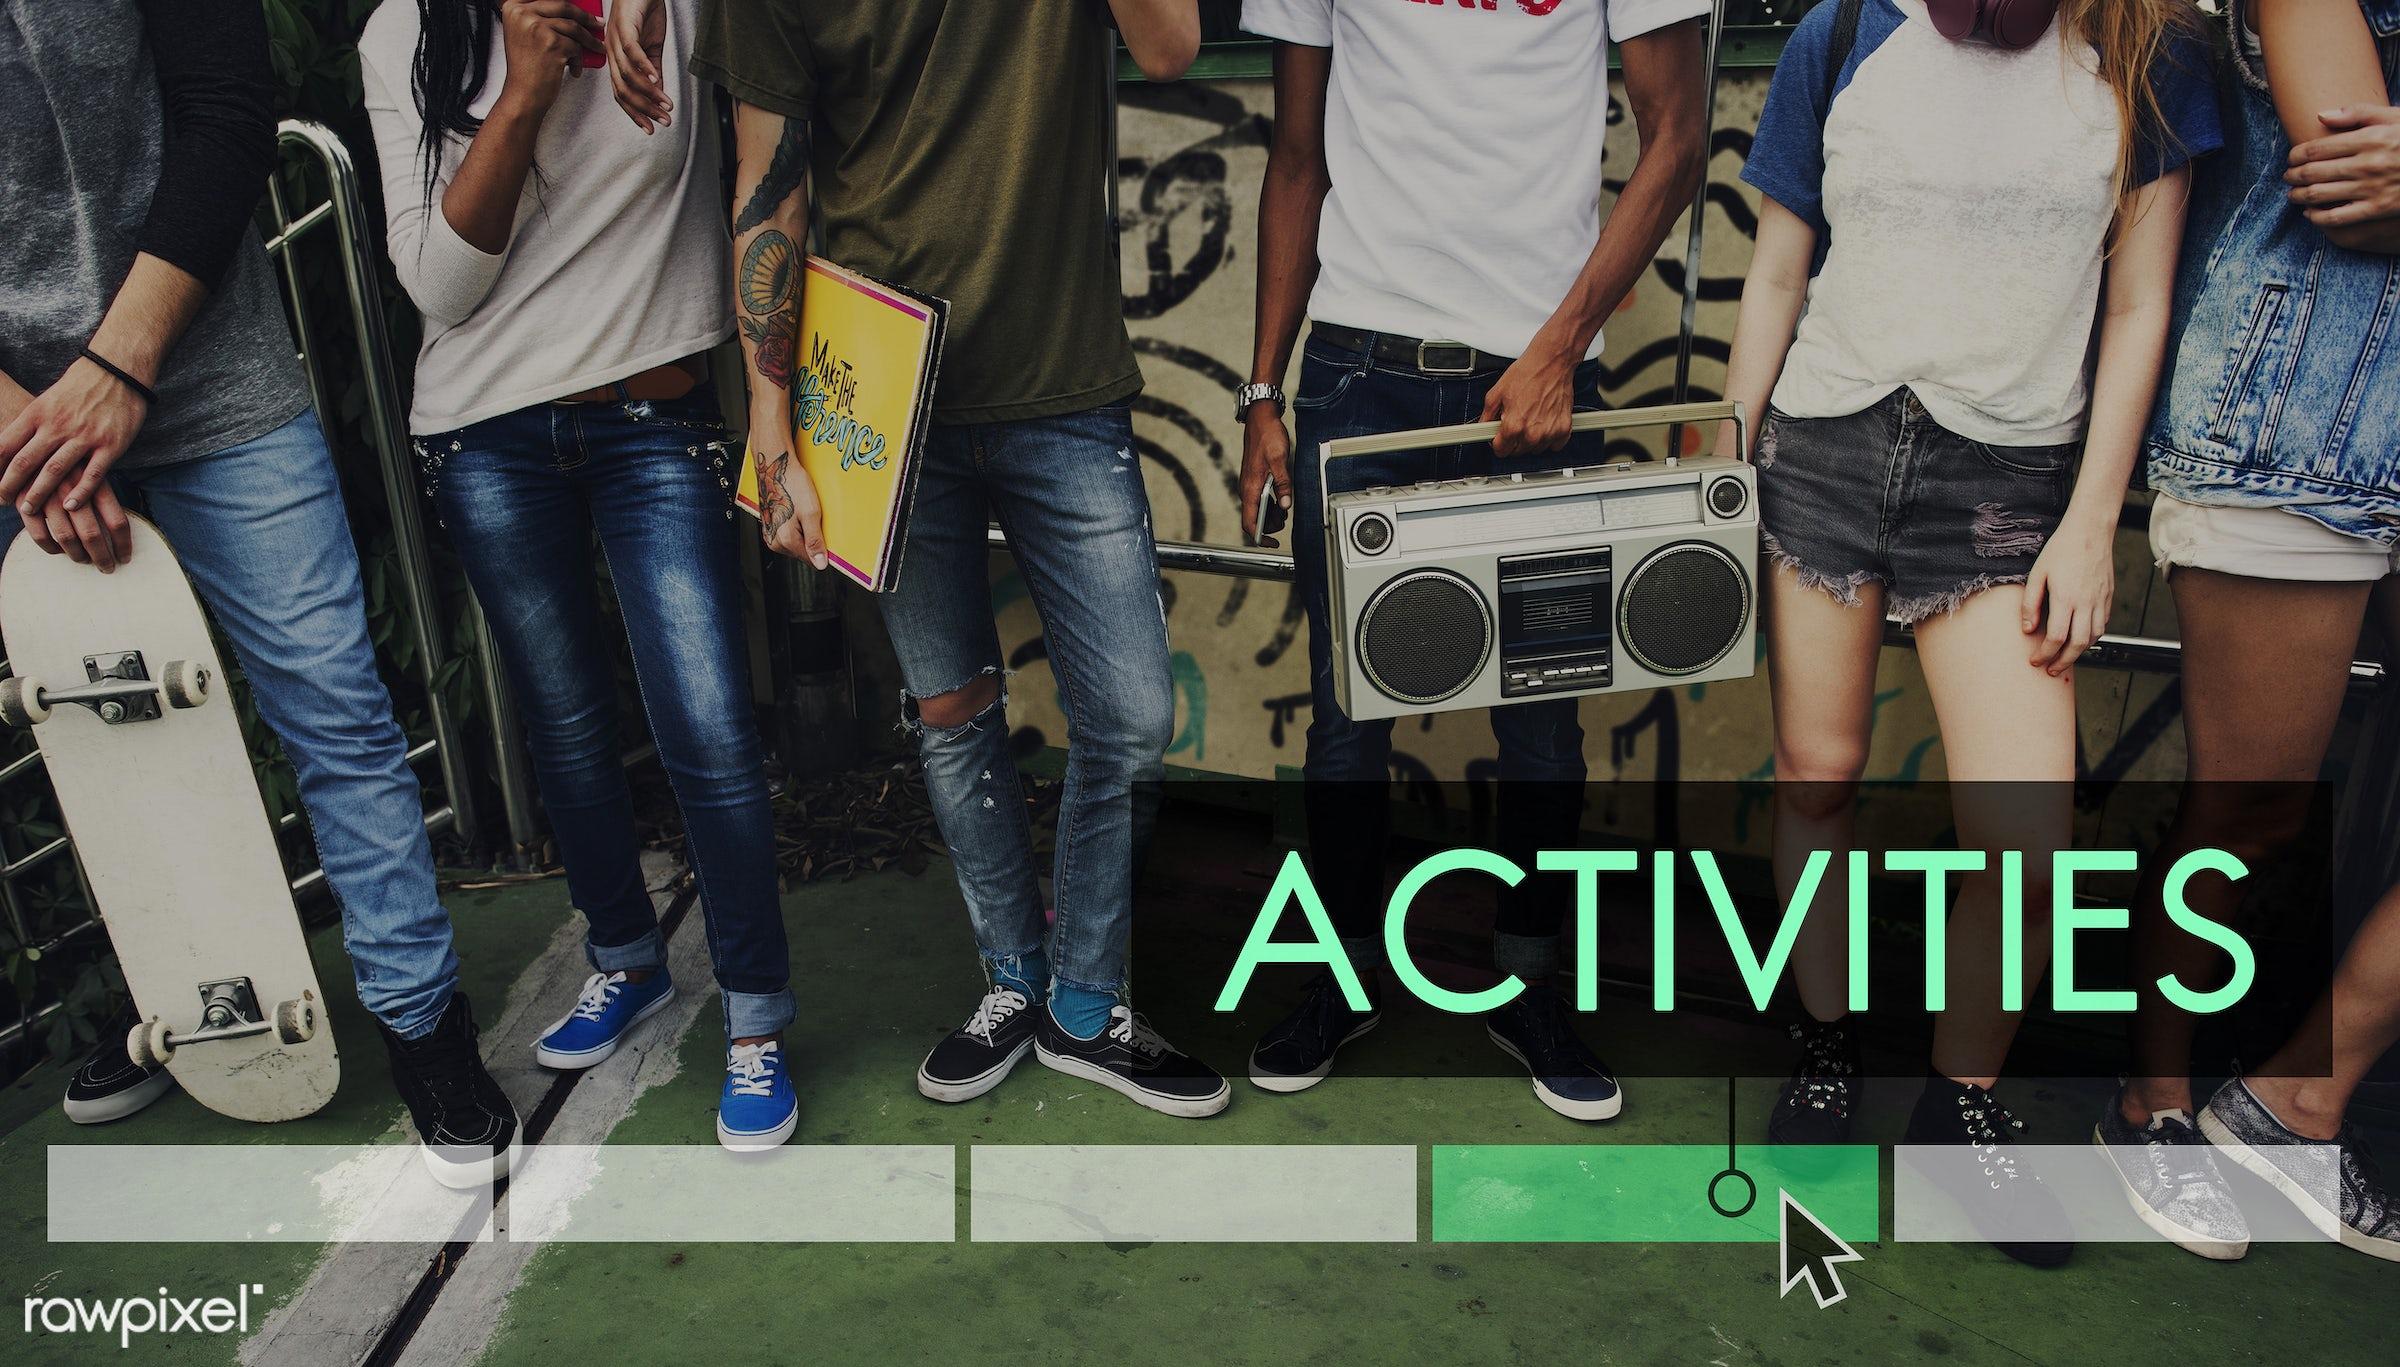 action, active, activeness, activities, african descent, asian, attraction, caucasian, diversity, encourage, enjoyment,...